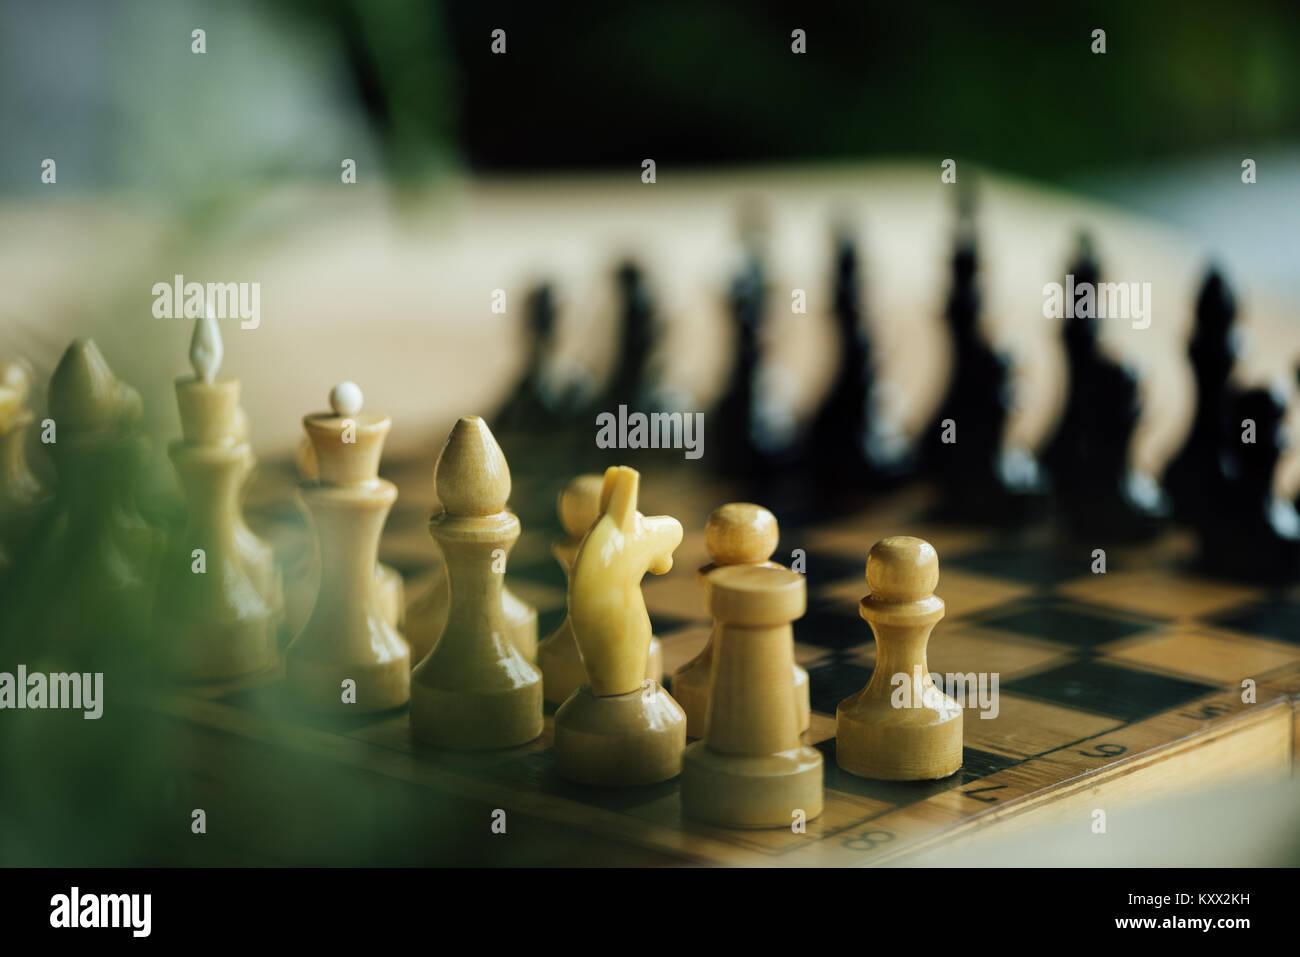 Ancien conseil d'échecs défini pour un nouveau jeu sur la table. Selective focus on white pièces des échecs Banque D'Images